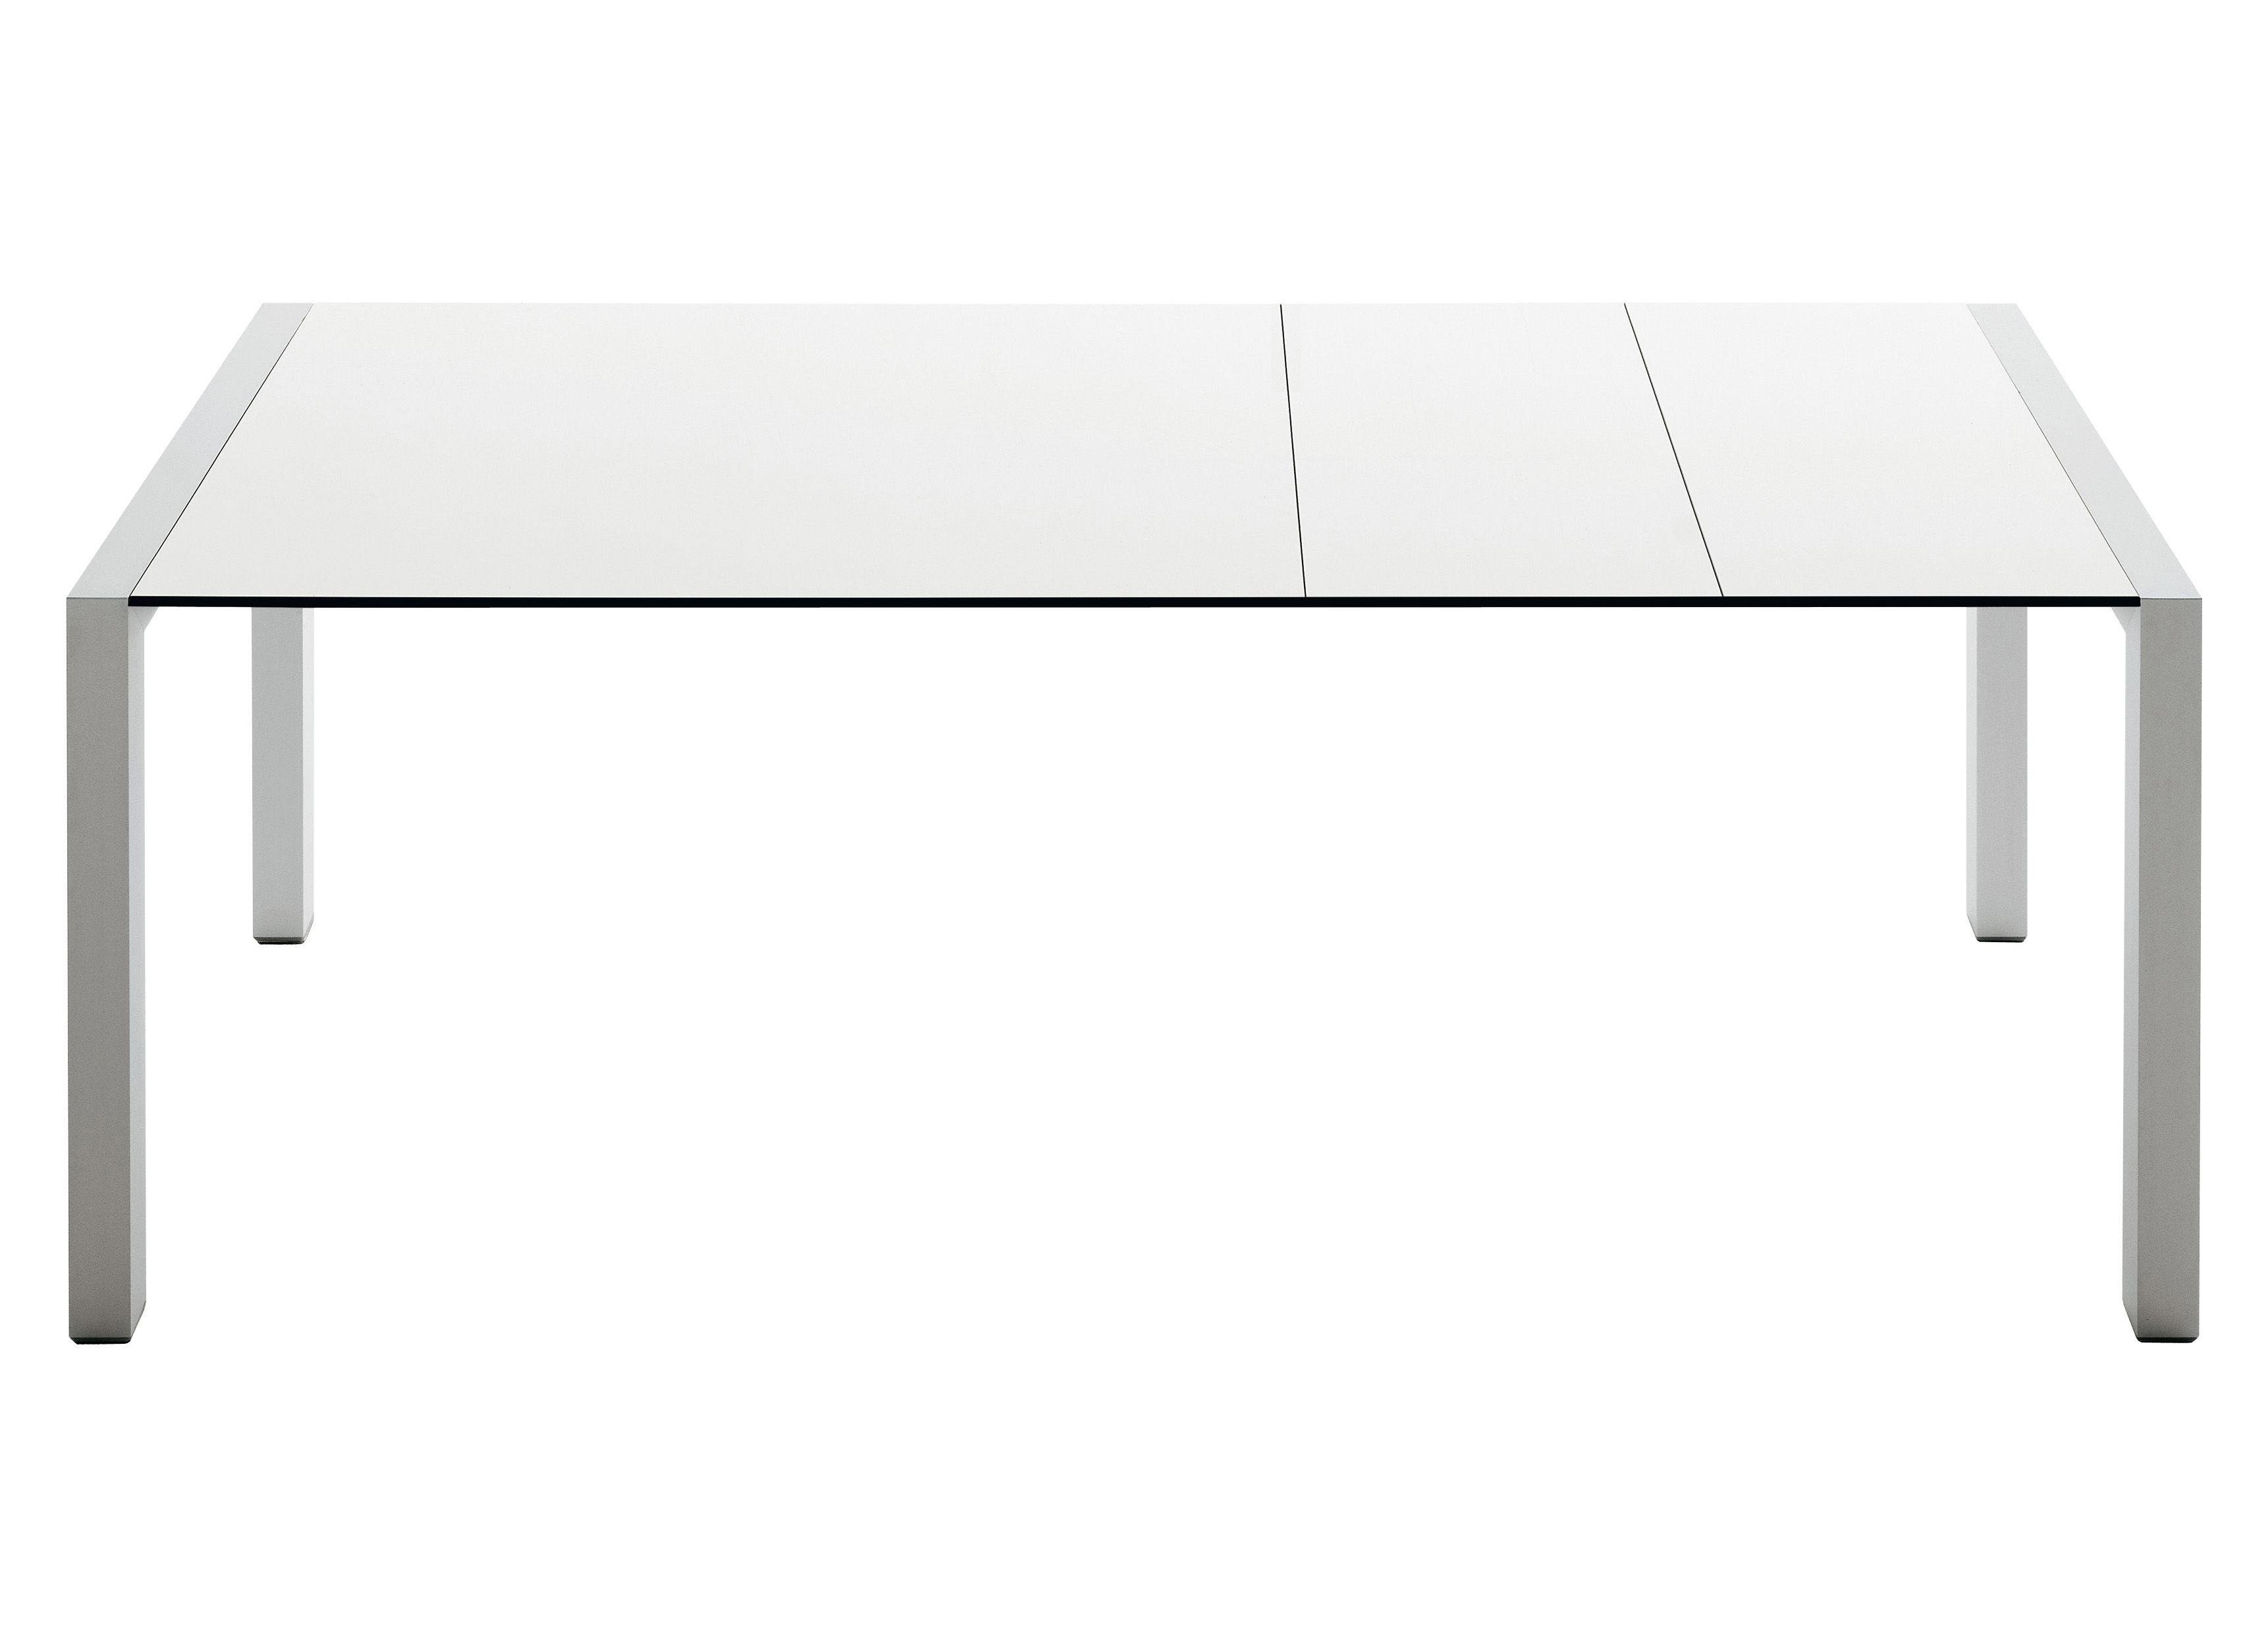 Outdoor - Tavoli  - Tavolo con prolunga Sushi Outdoor - L 177 - 290 cm di Kristalia - Piano grigio chiaro / piedi grigio antracite - Alluminio laccato